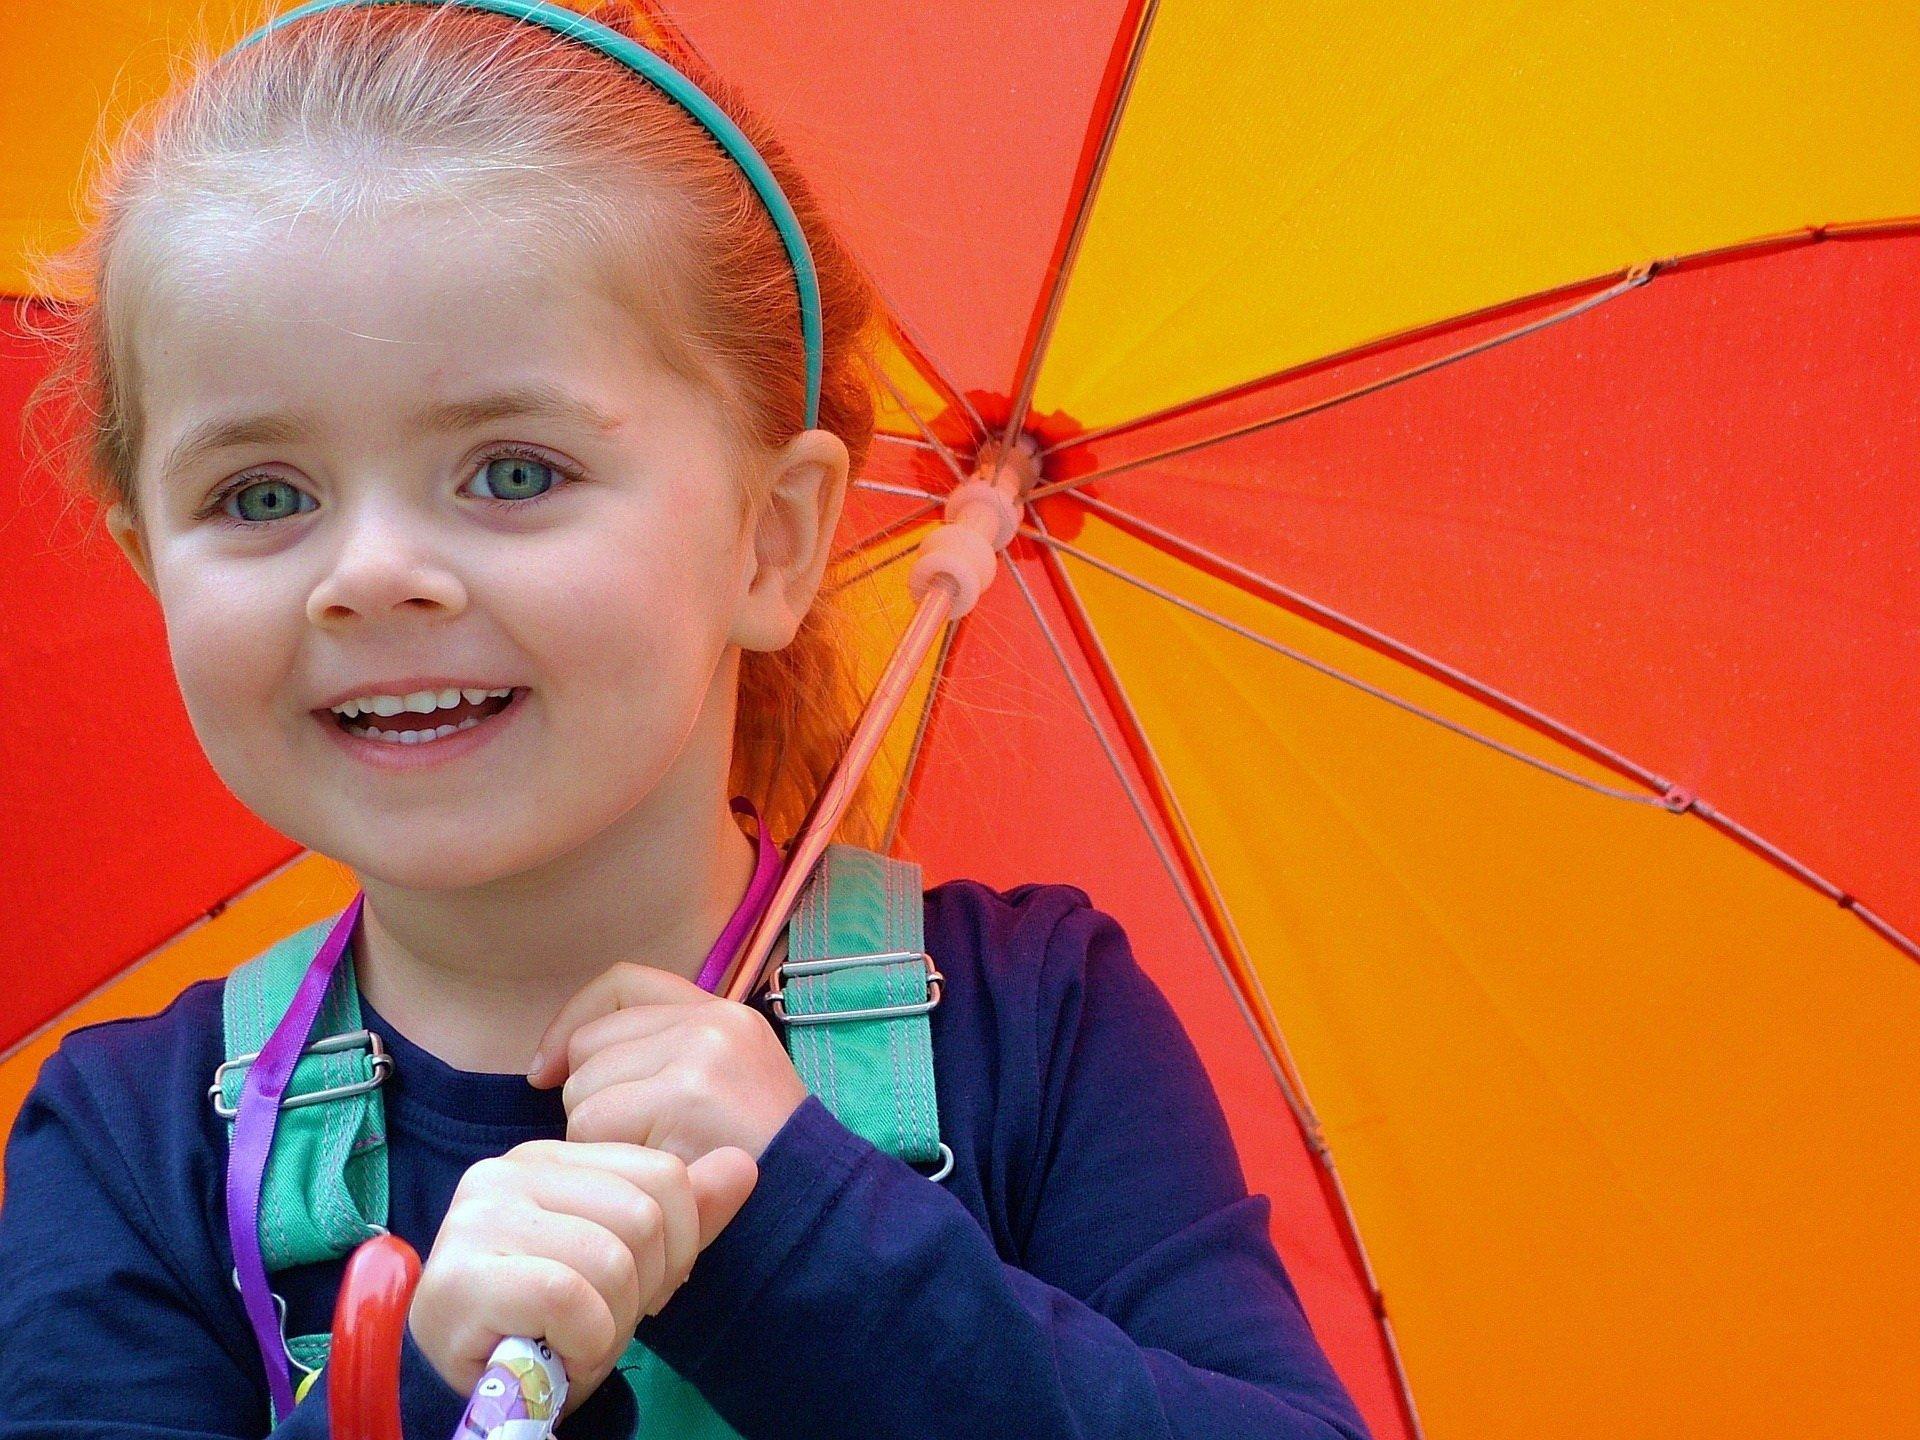 Deszczowy dzień wierszyk dla dzieci